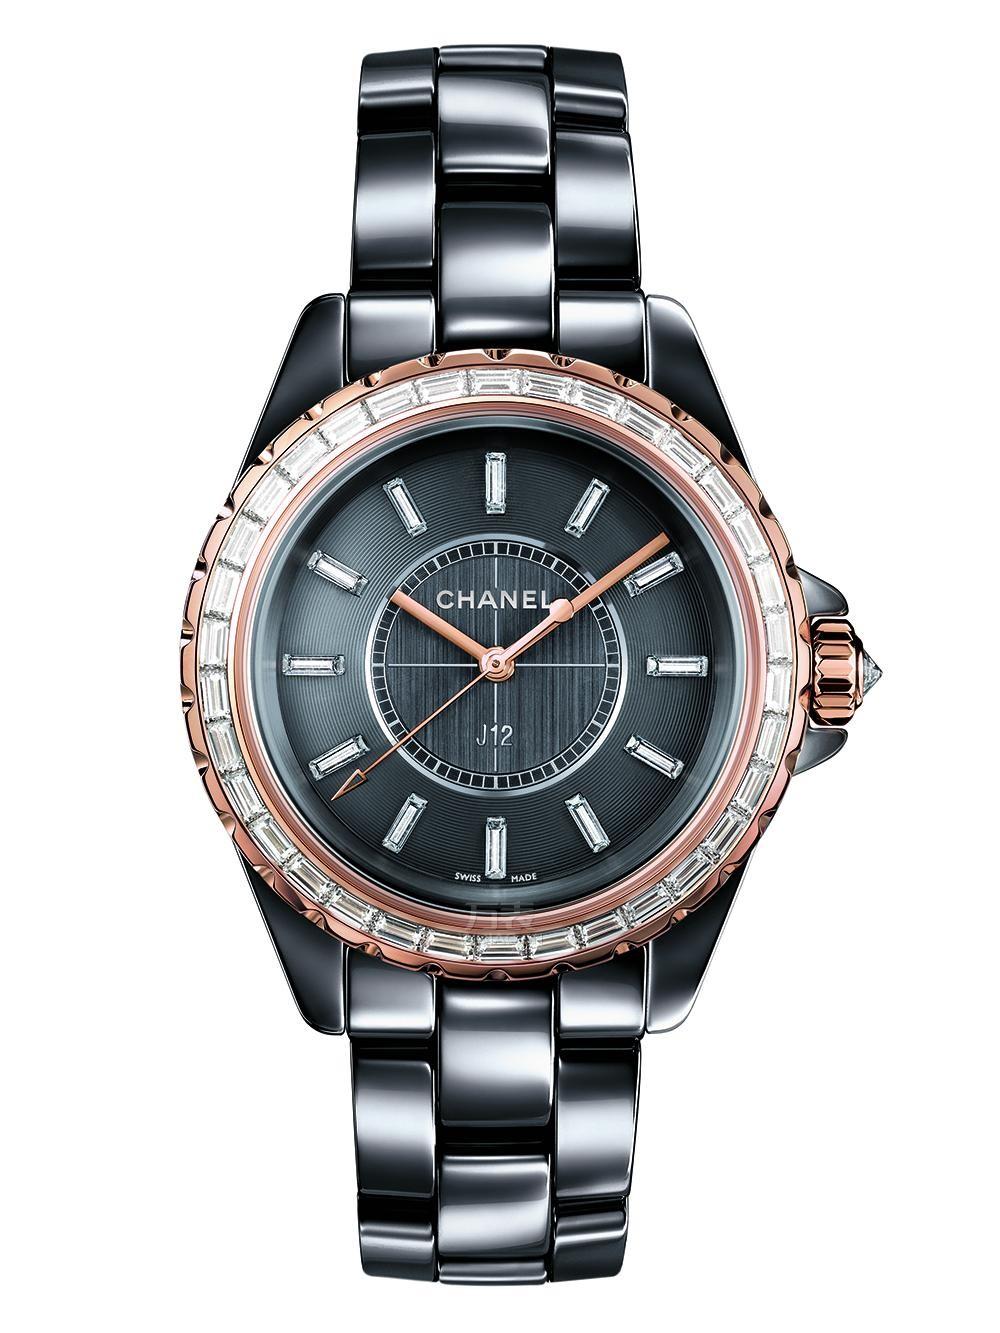 香奈儿J12 Chromatic钛陶瓷珠宝腕表